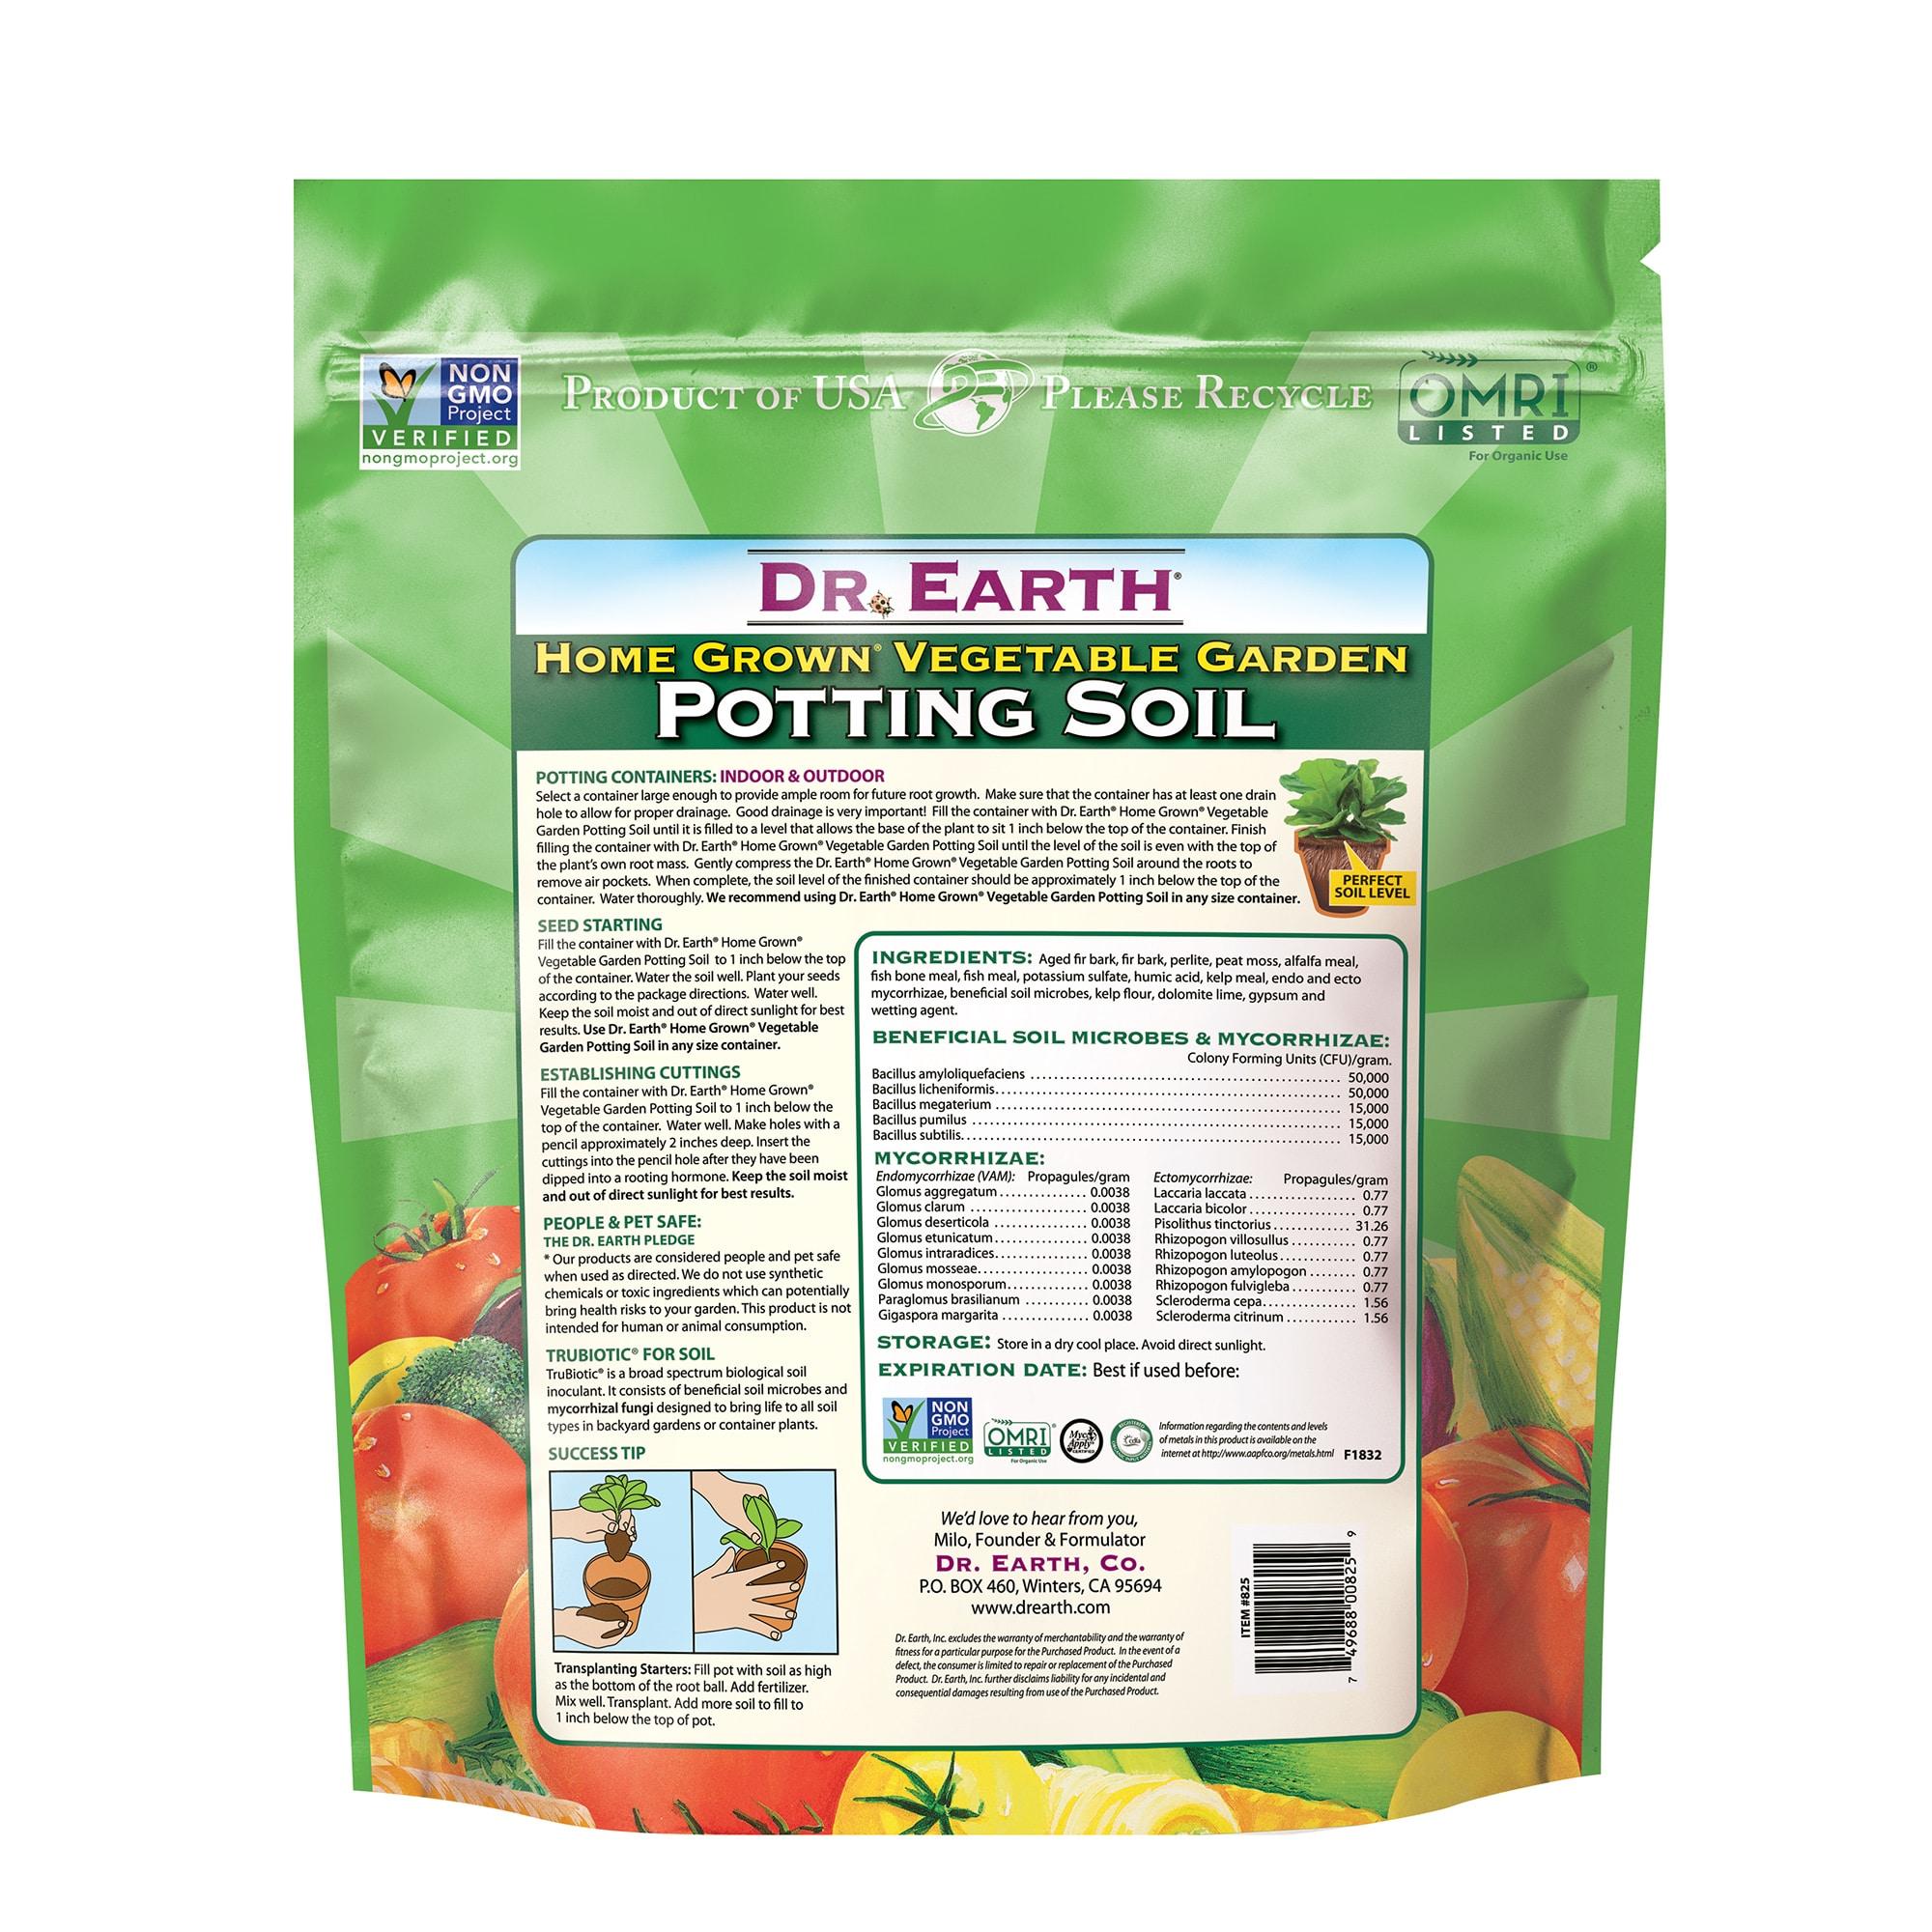 Home Grown Vegetable Garden Potting Soil Back Information